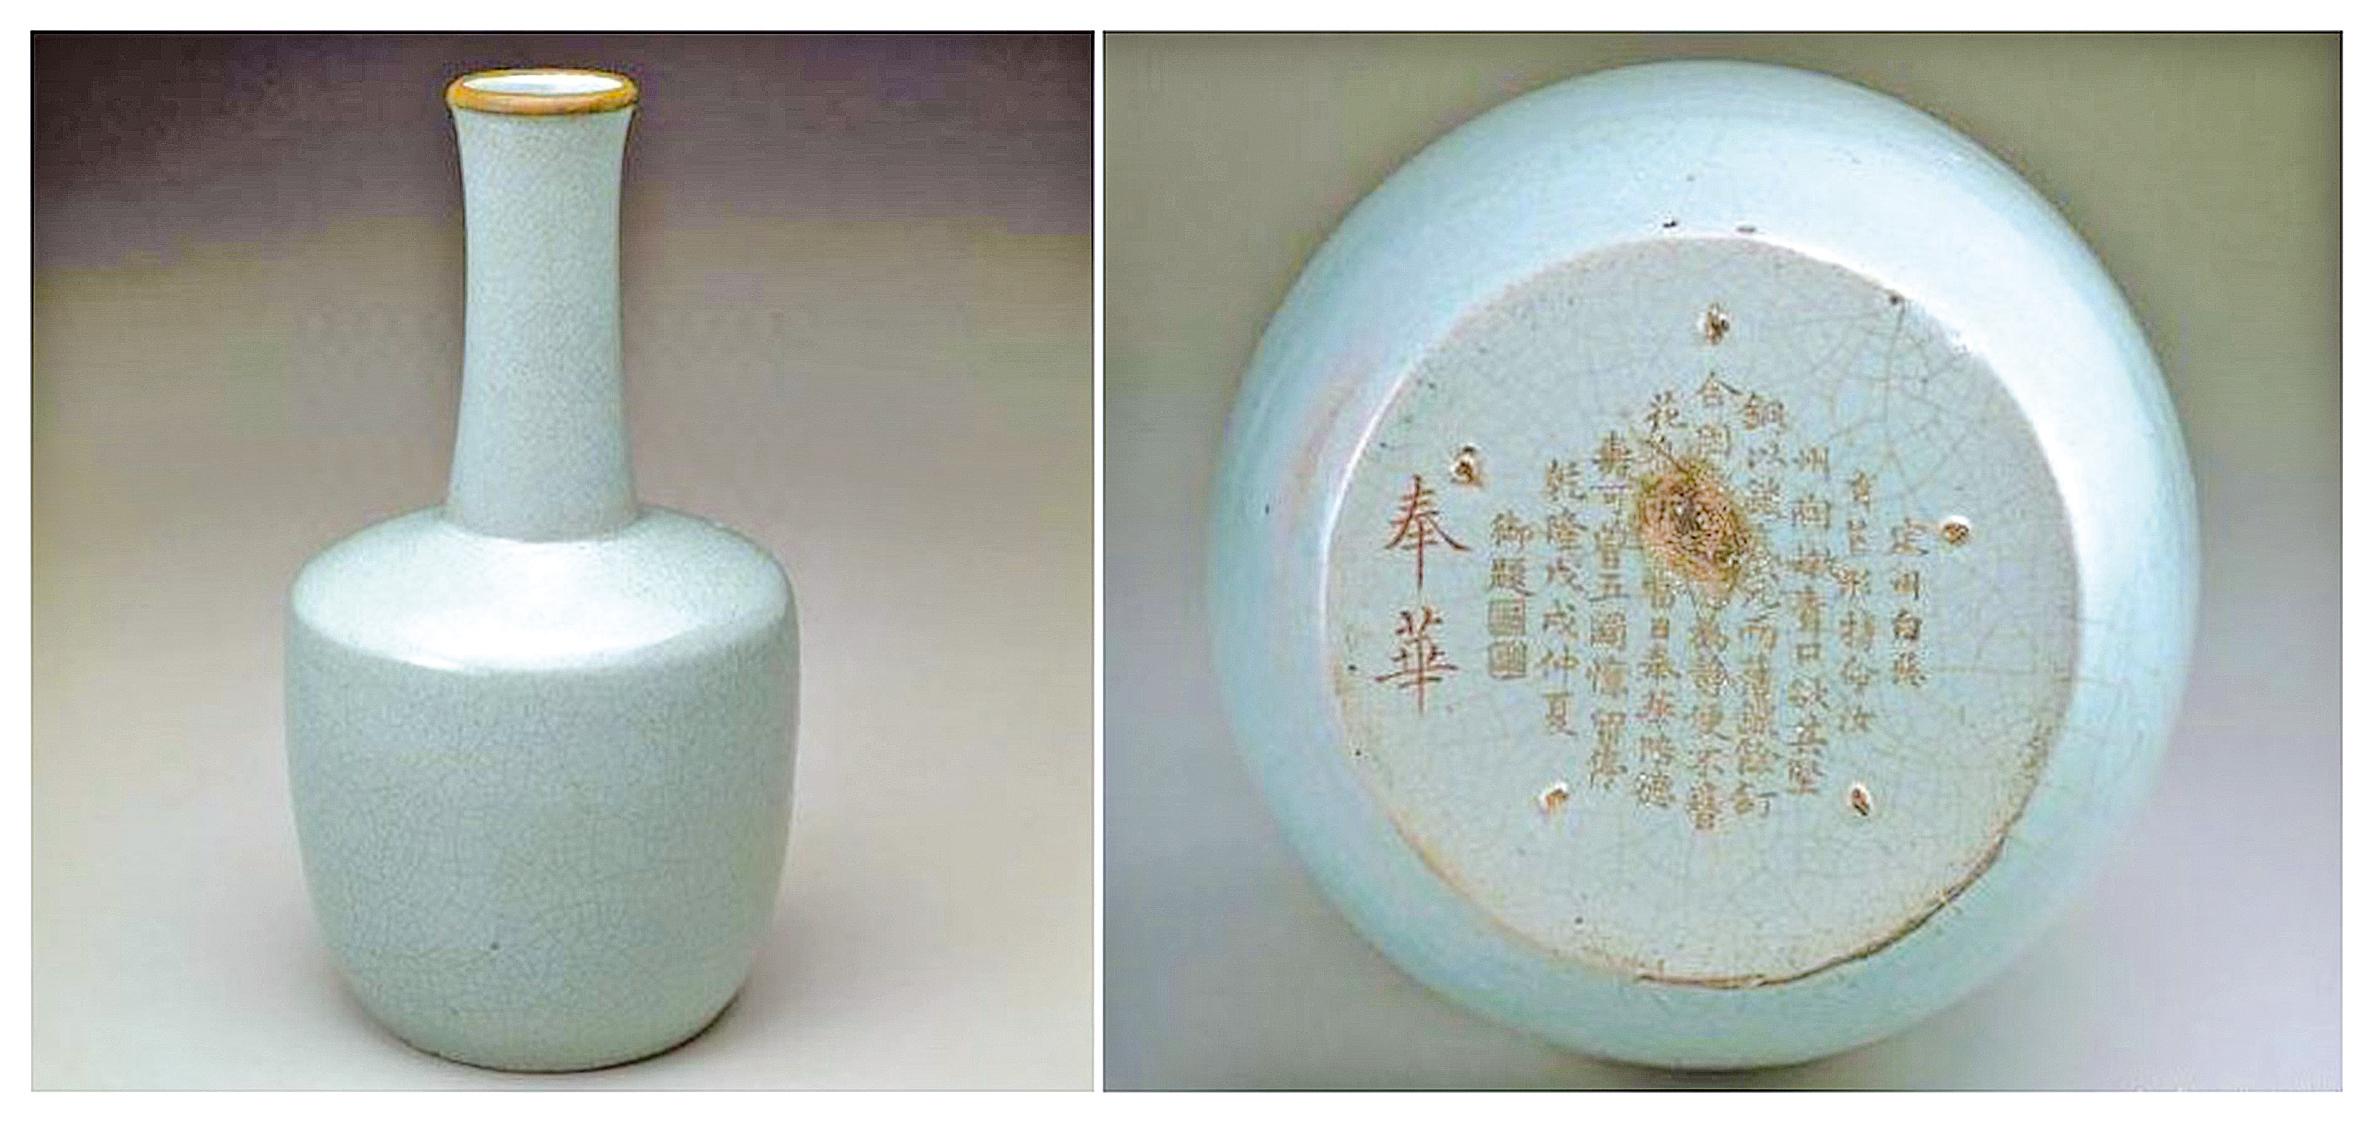 北宋汝窯青瓷奉華紙槌瓶(台北國立故宮博物院藏品)